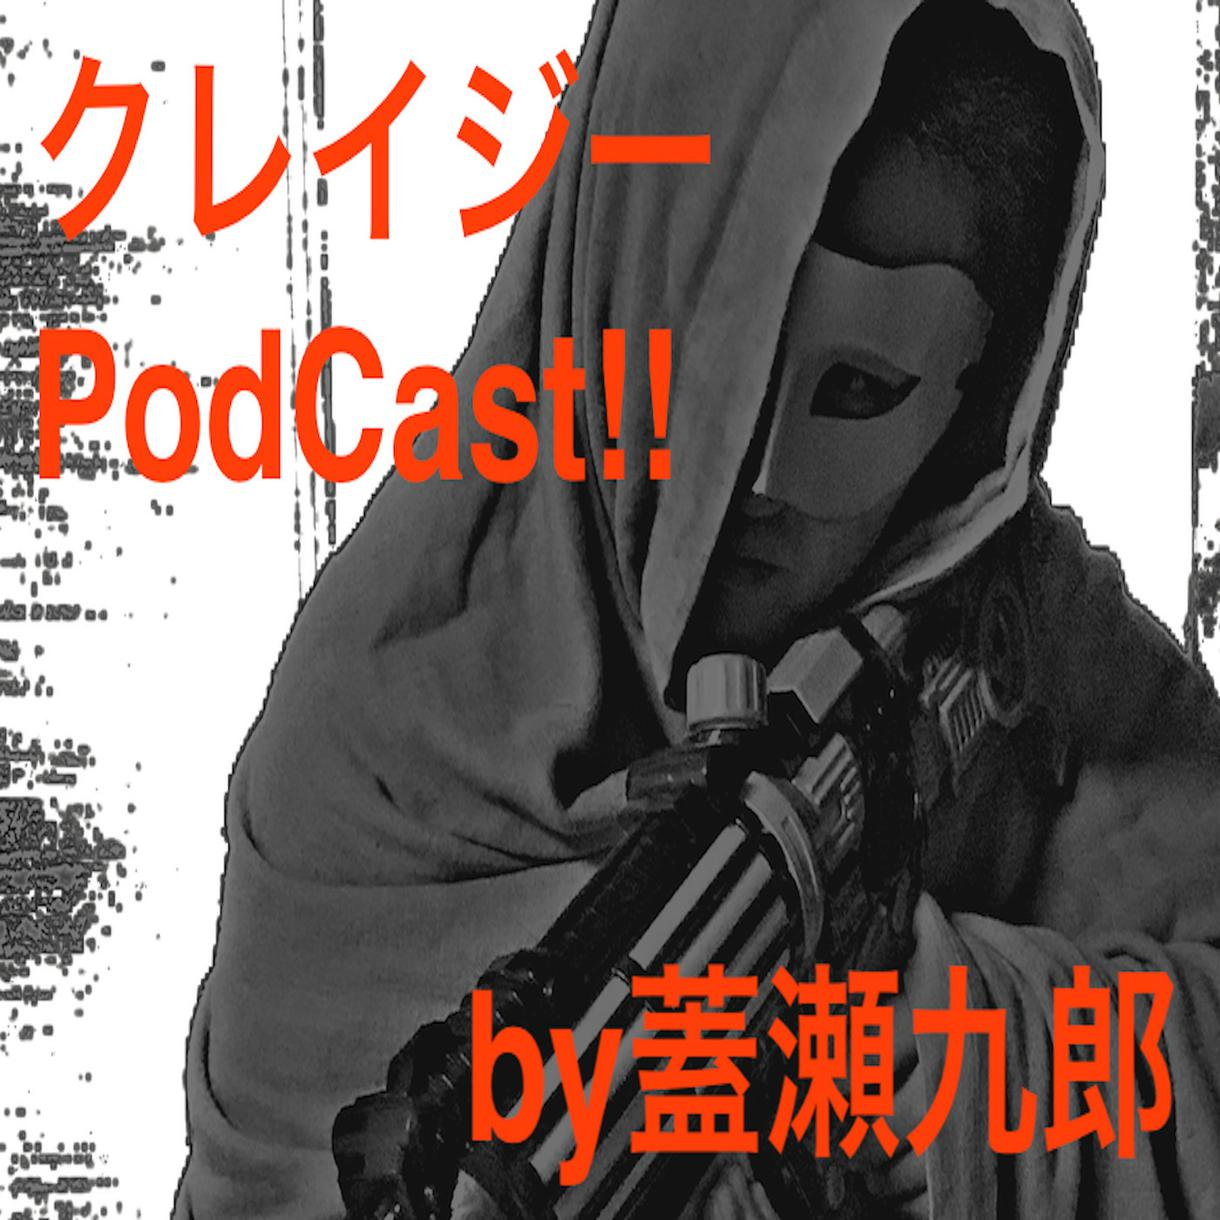 誰でもできる!Podcastの配信を手伝います Podcast配信までの作業をお手伝いいたします